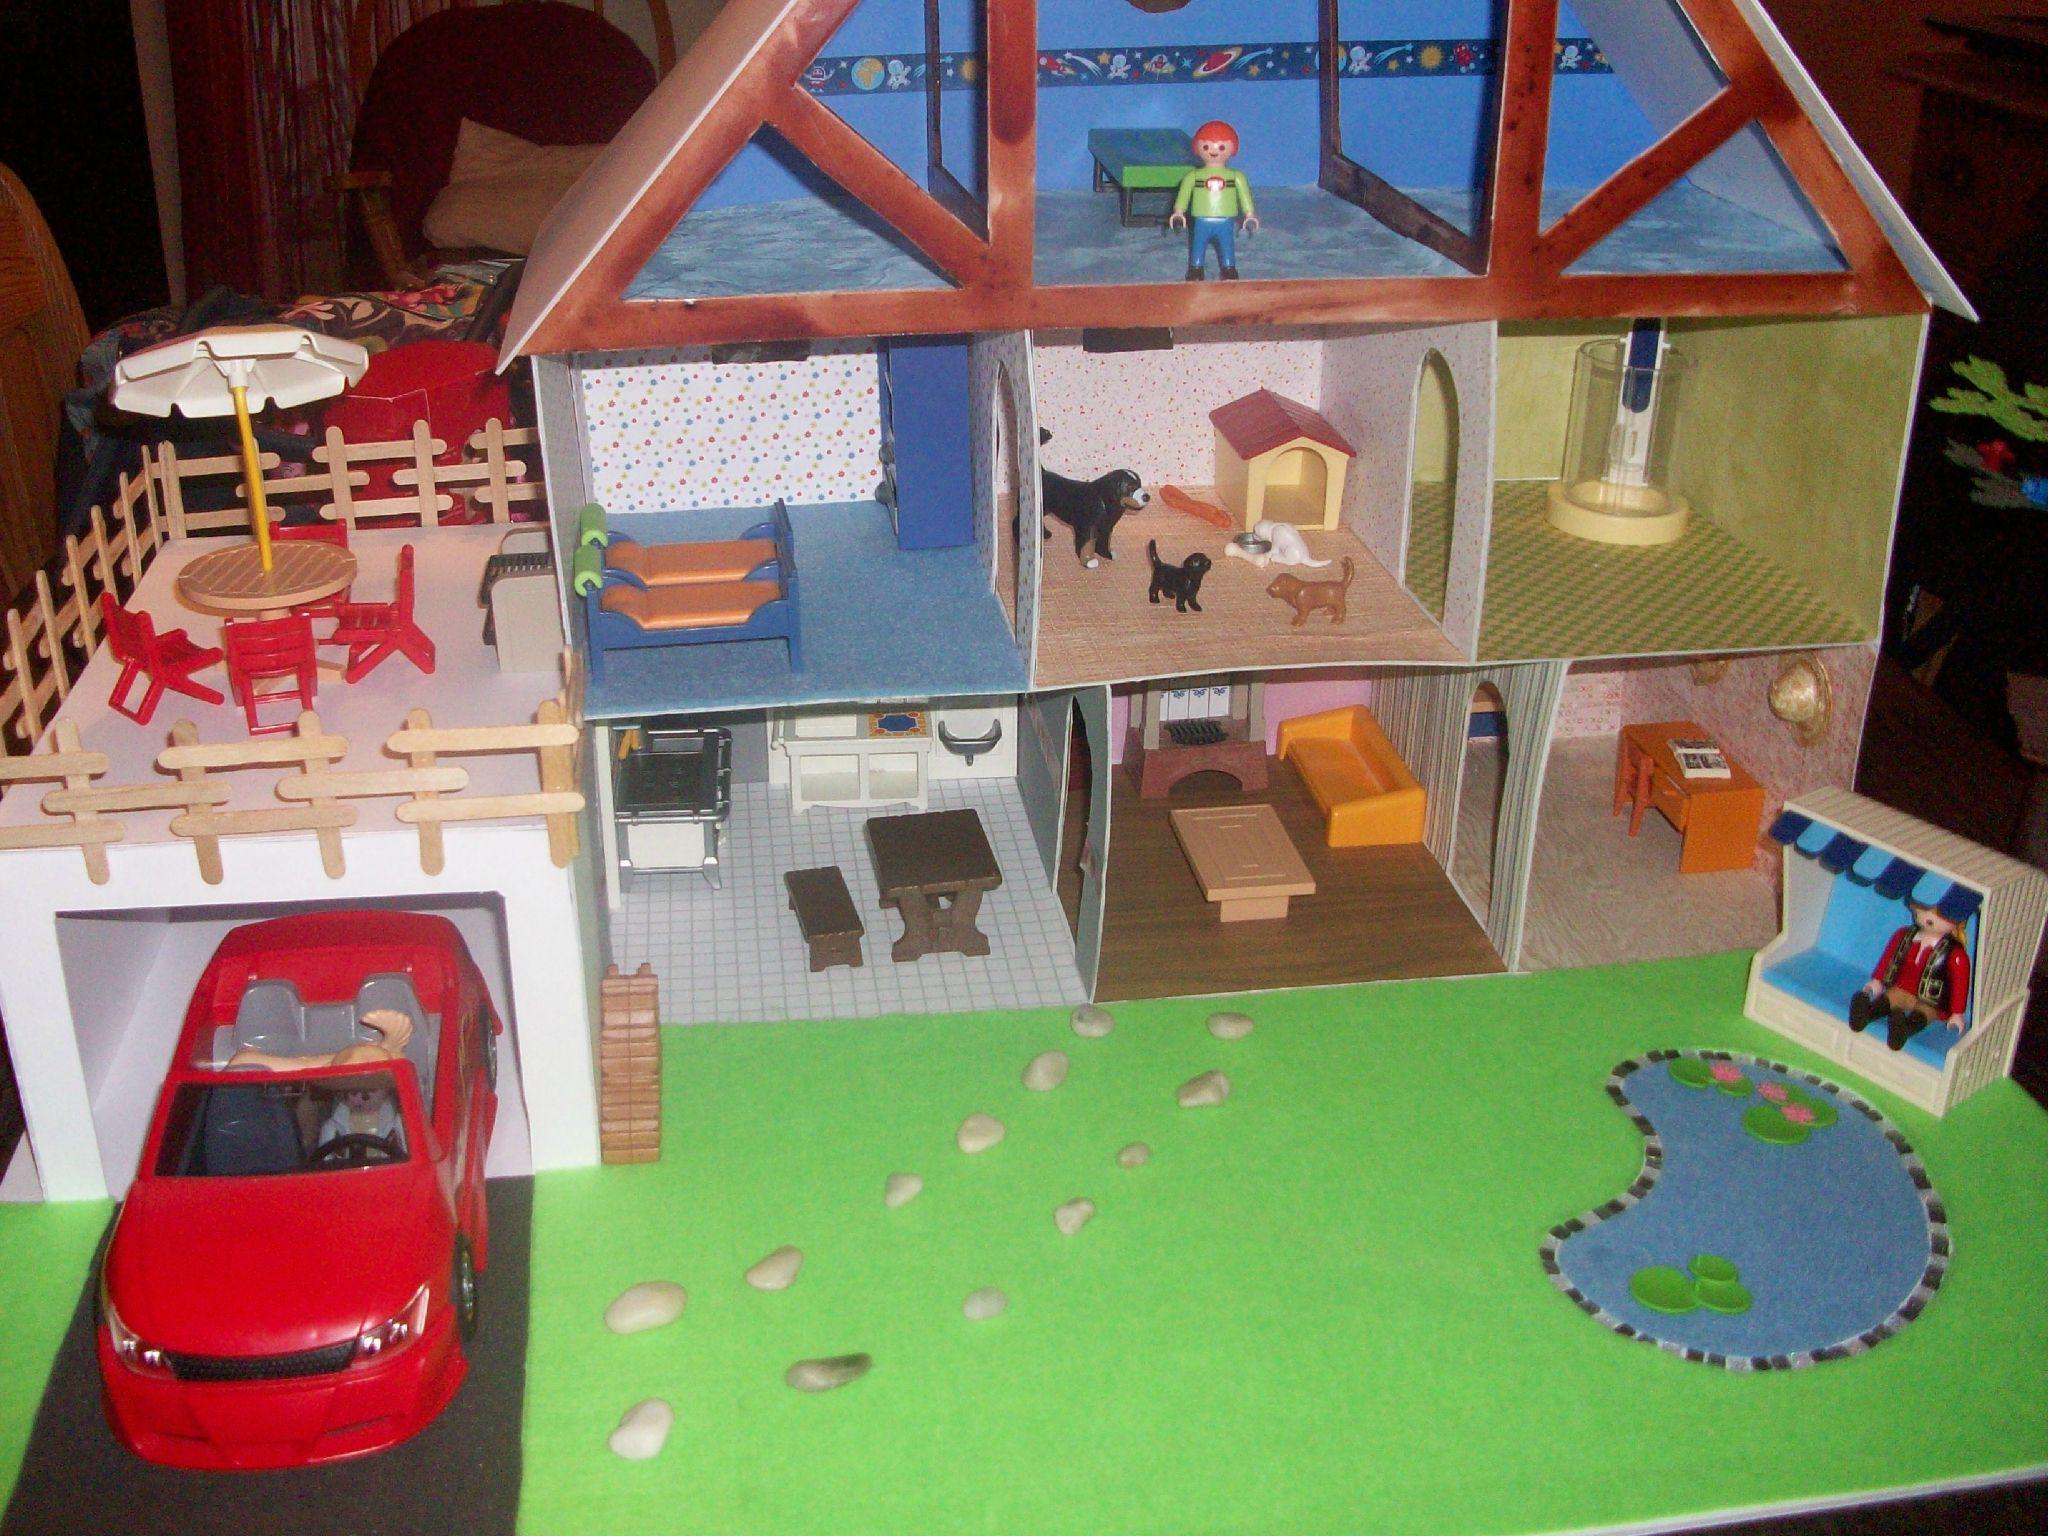 une maison en carton plume maison pour playmobil. Black Bedroom Furniture Sets. Home Design Ideas